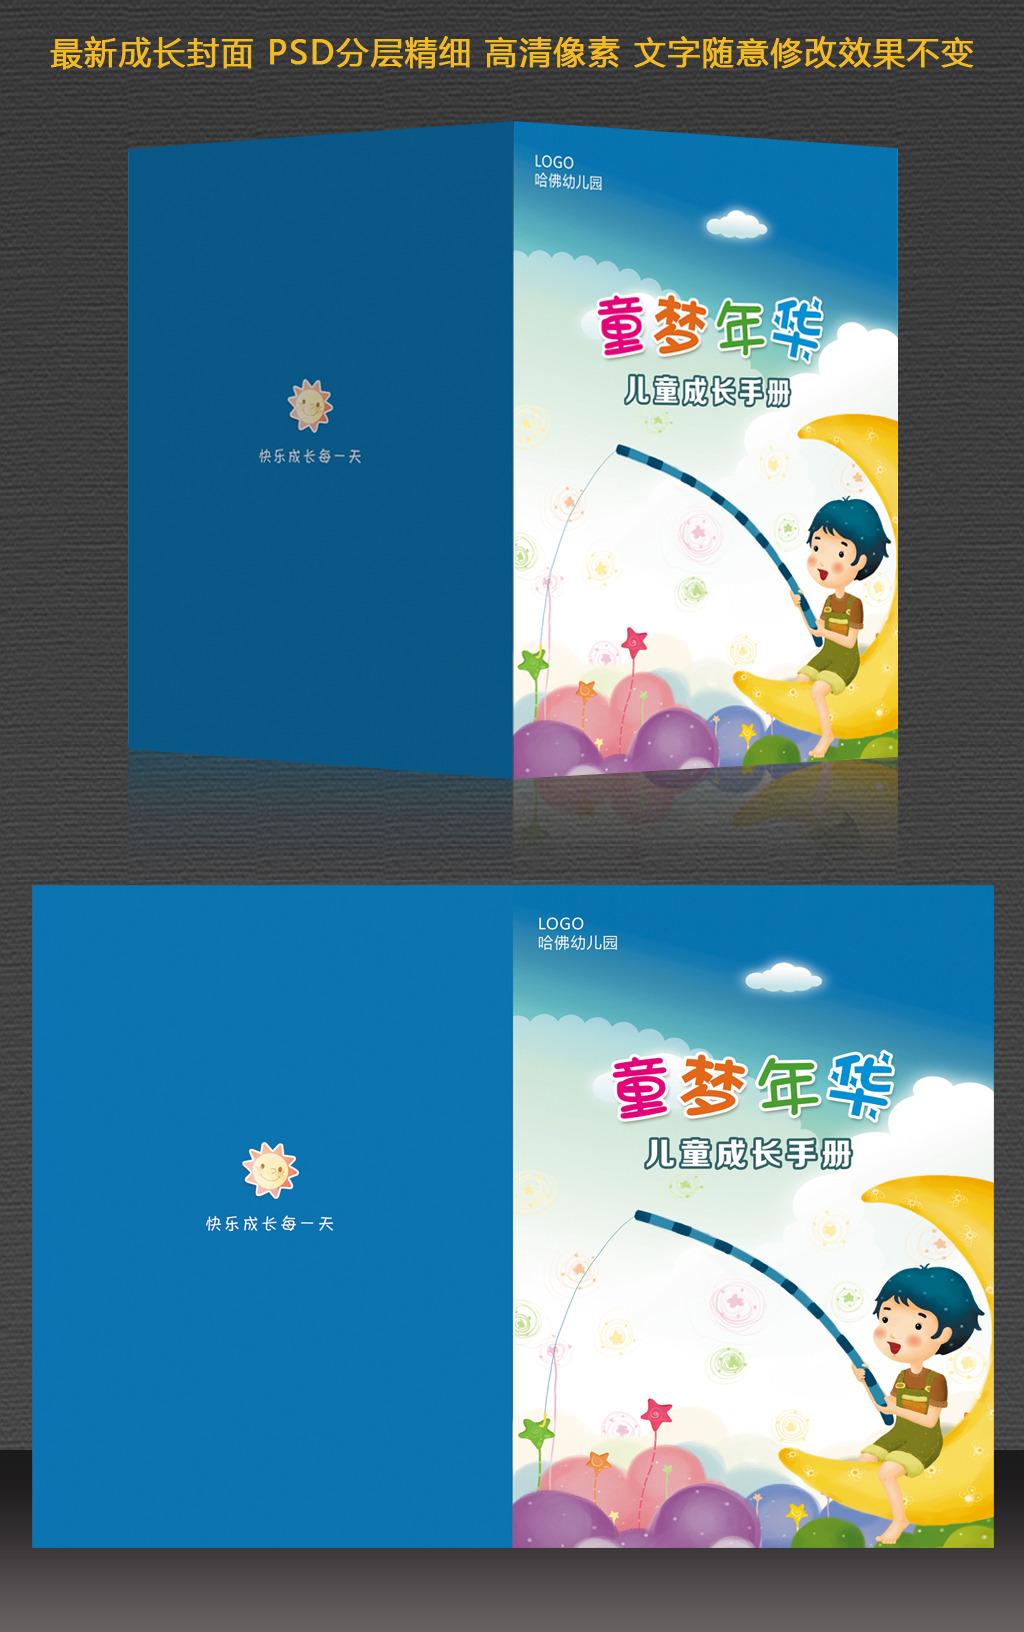 蓝色梦幻儿童成长档案手册封面模板psd